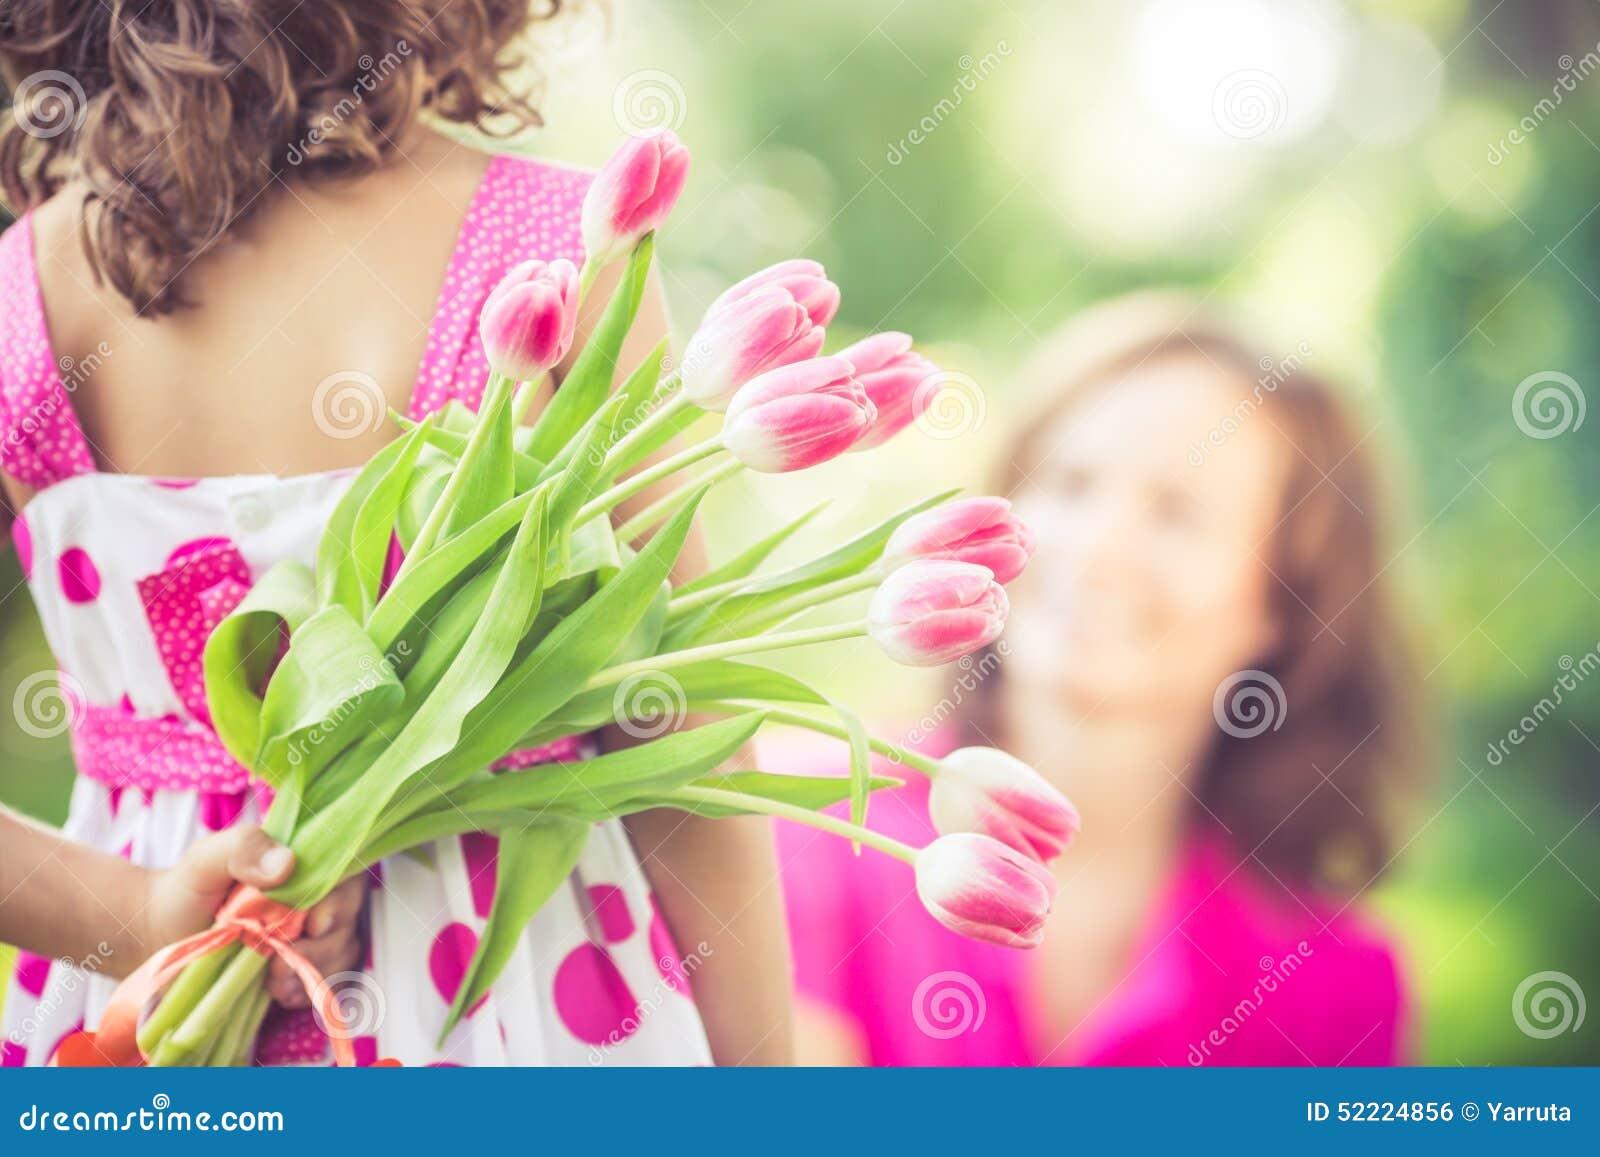 Bloemen (naadloos) Patroon